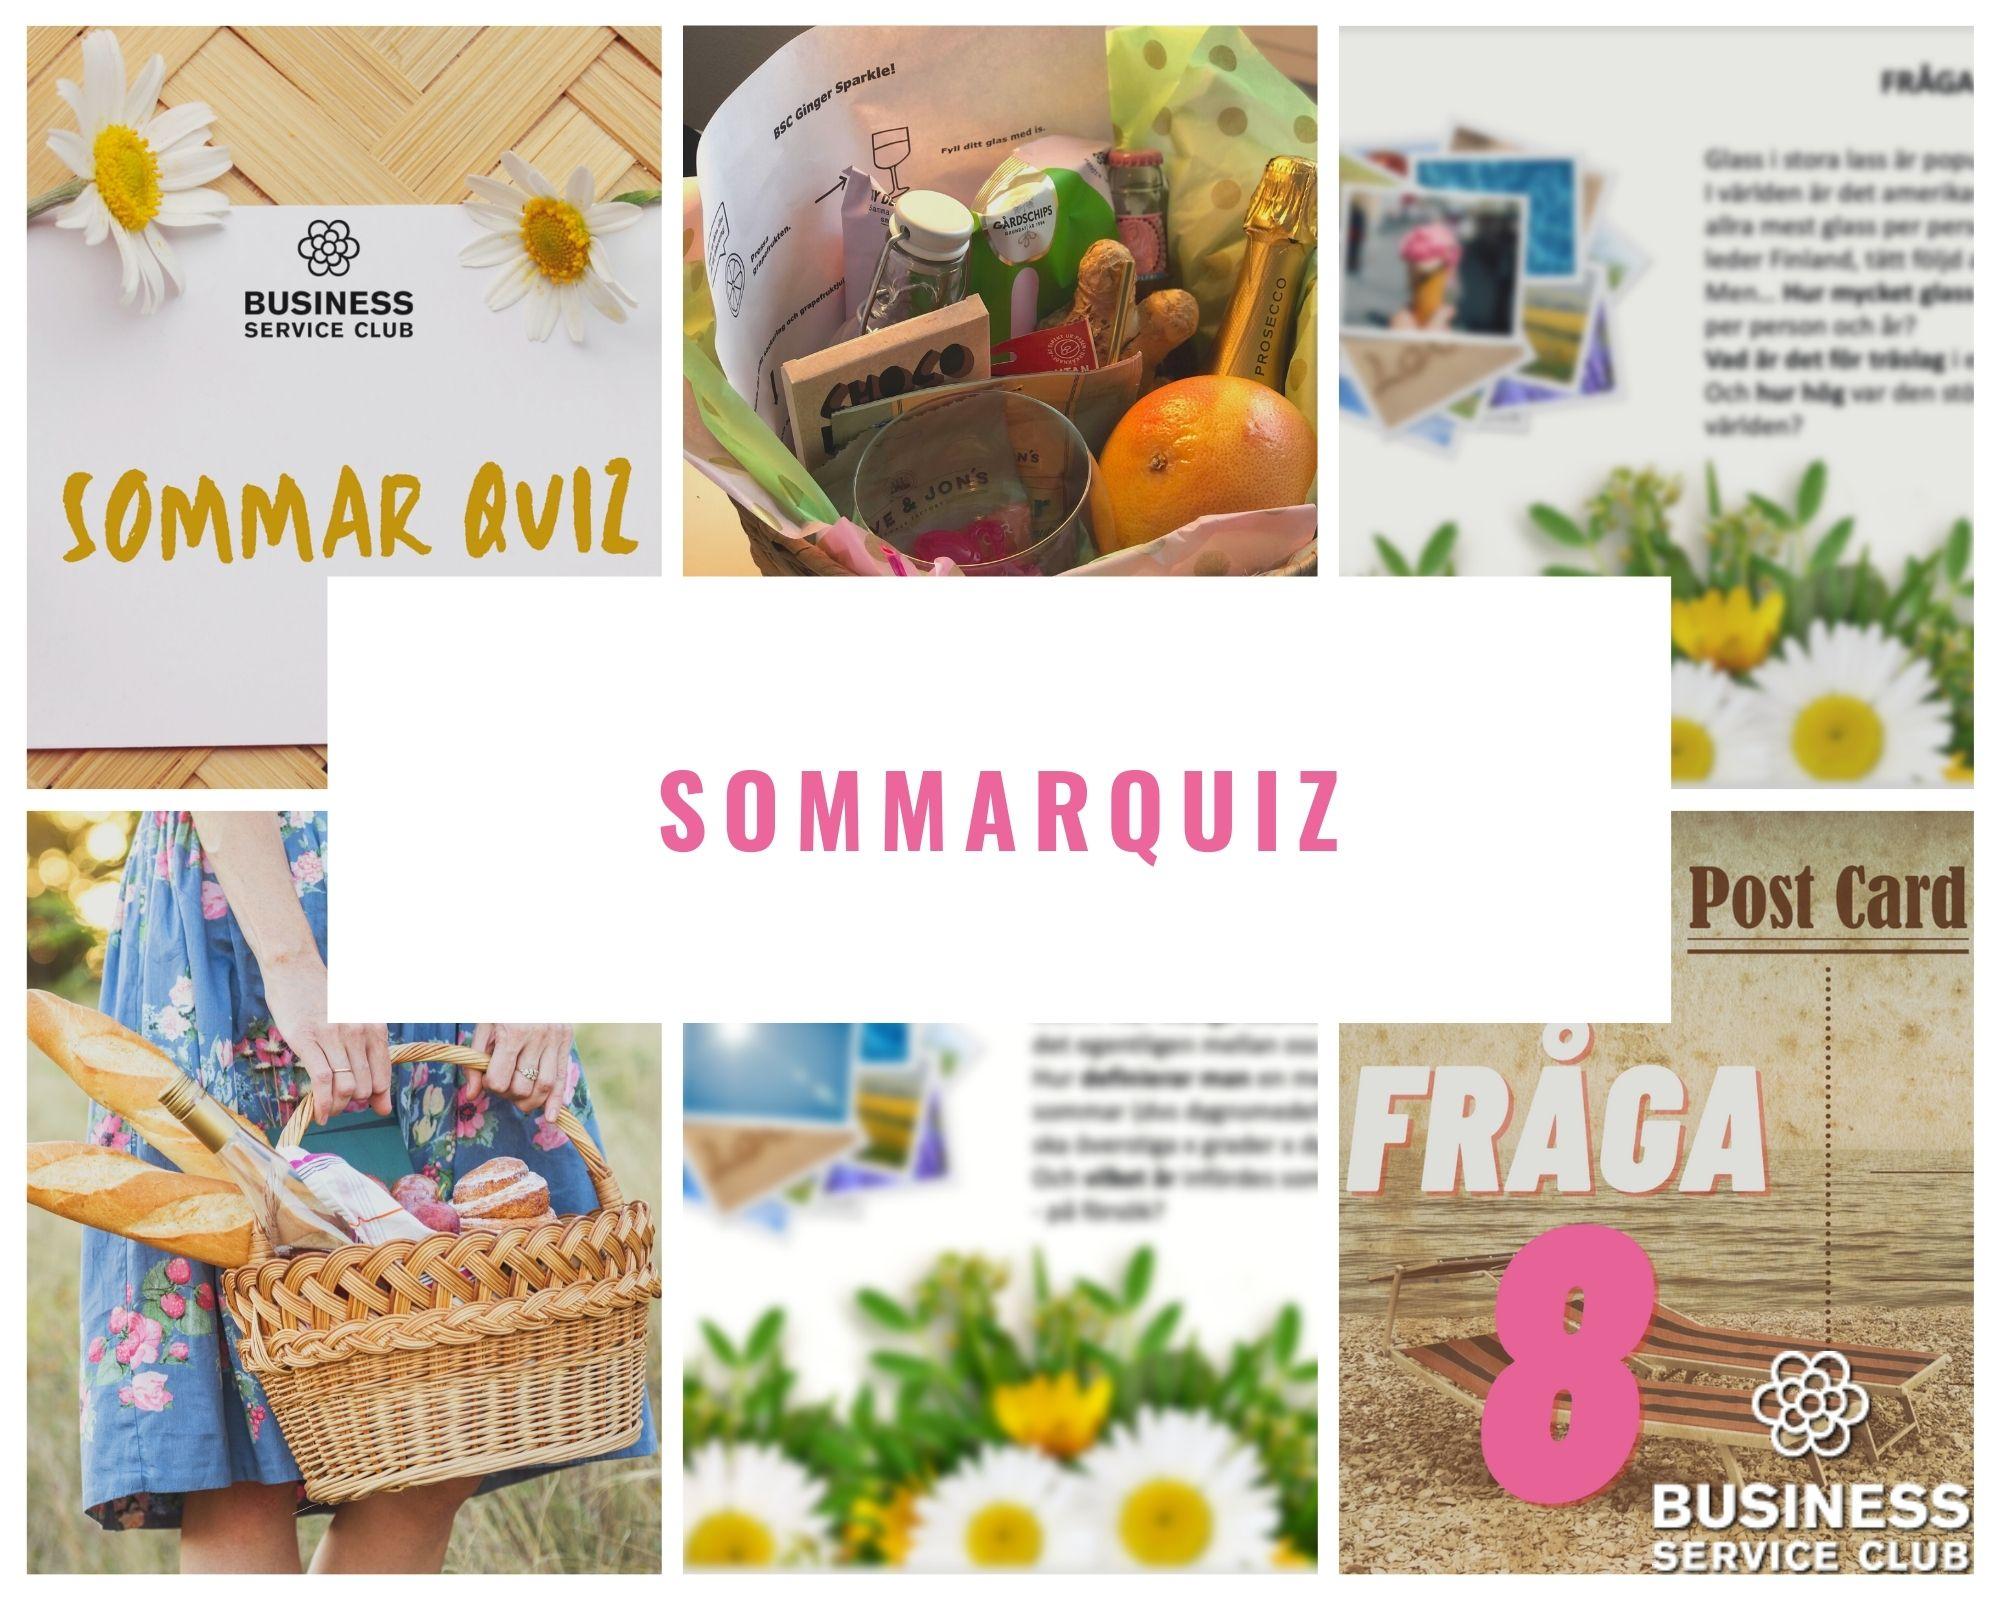 Sommarquiz